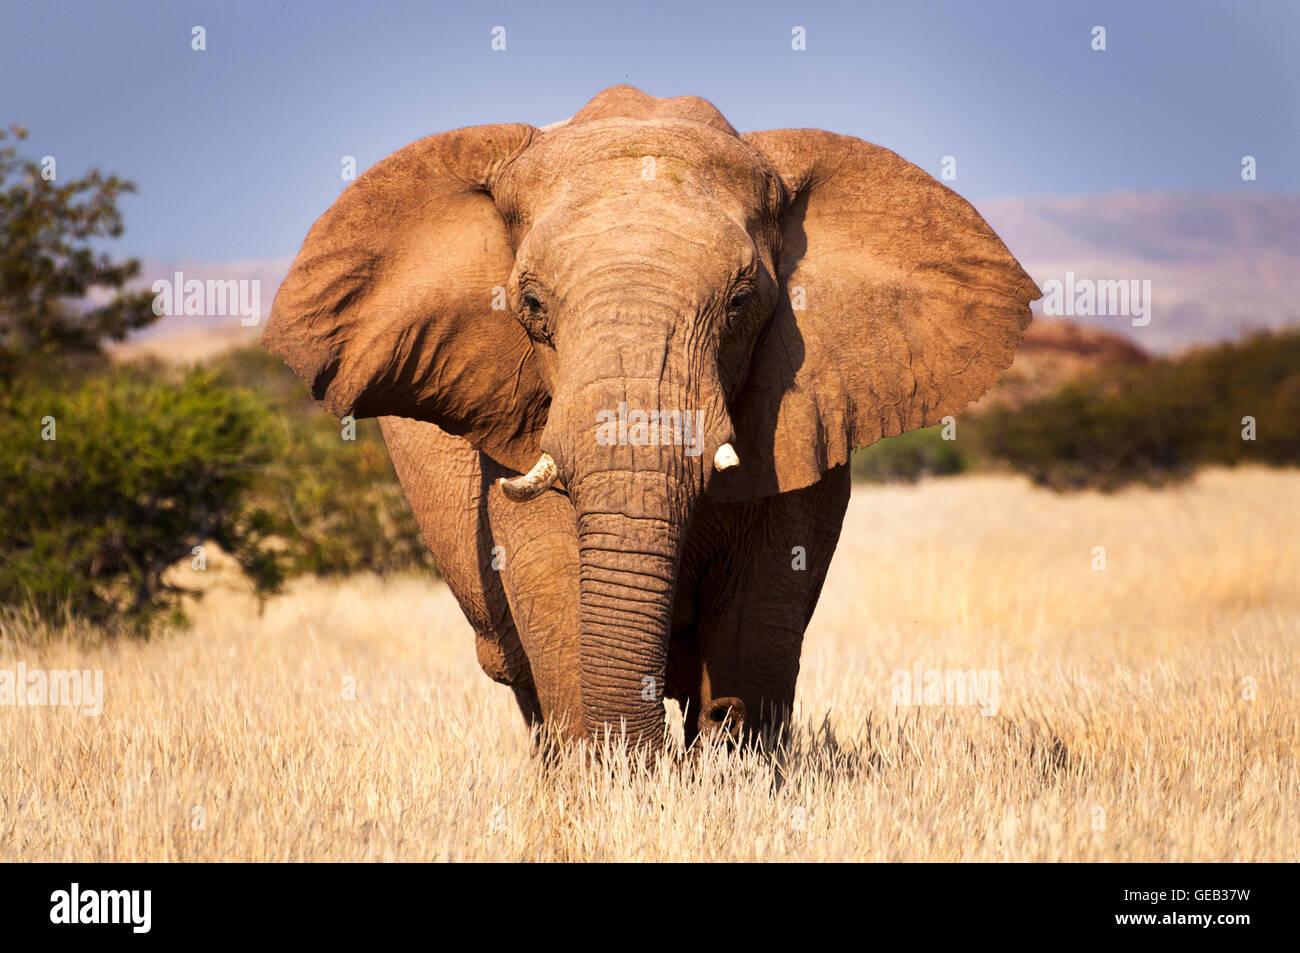 L'elefante nella savana, in Namibia, Africa, concetto per i viaggi in Africa e Safari Foto Stock